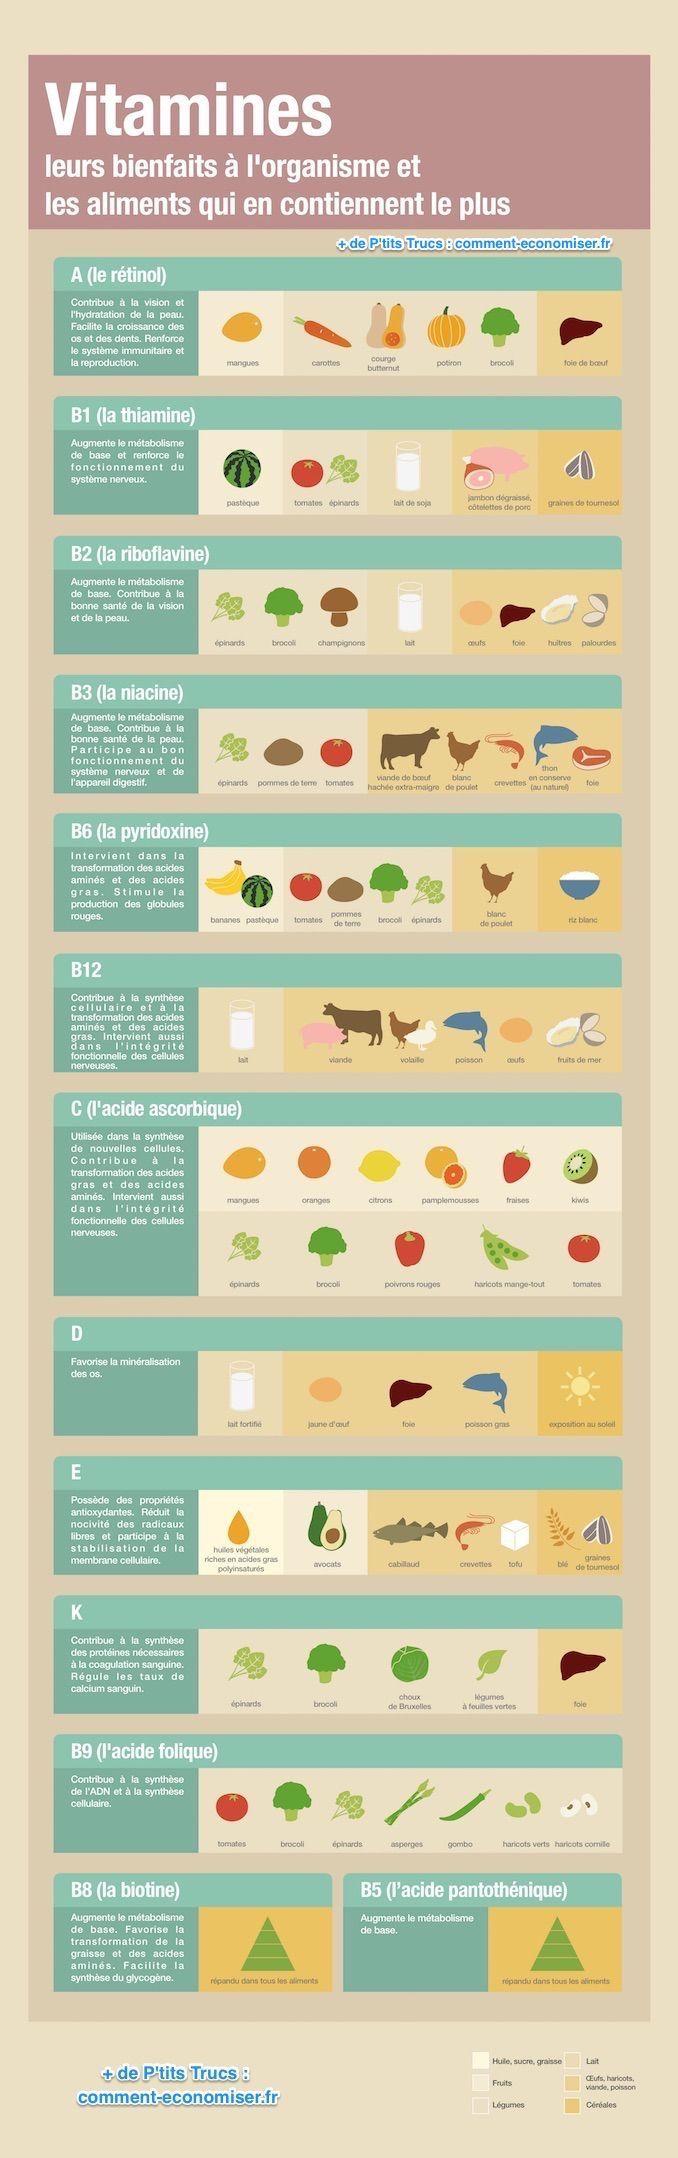 Quels sont les bienfaits précis des vitamines sur notre organisme ? Et quels sont les aliments qui contiennent le plus de vitamines ? Heureusement, voici pour vous un graphique bien pratique à partager, à imprimer, et à utiliser la prochaine fois que vous préparez un repas.  Découvrez l'astuce ici : http://www.comment-economiser.fr/bienfaits-vitamines-et-aliments-qui-en-ont-le-plus.html?utm_content=buffer2f3cc&utm_medium=social&utm_source=pinterest.com&utm_campaign=buffer